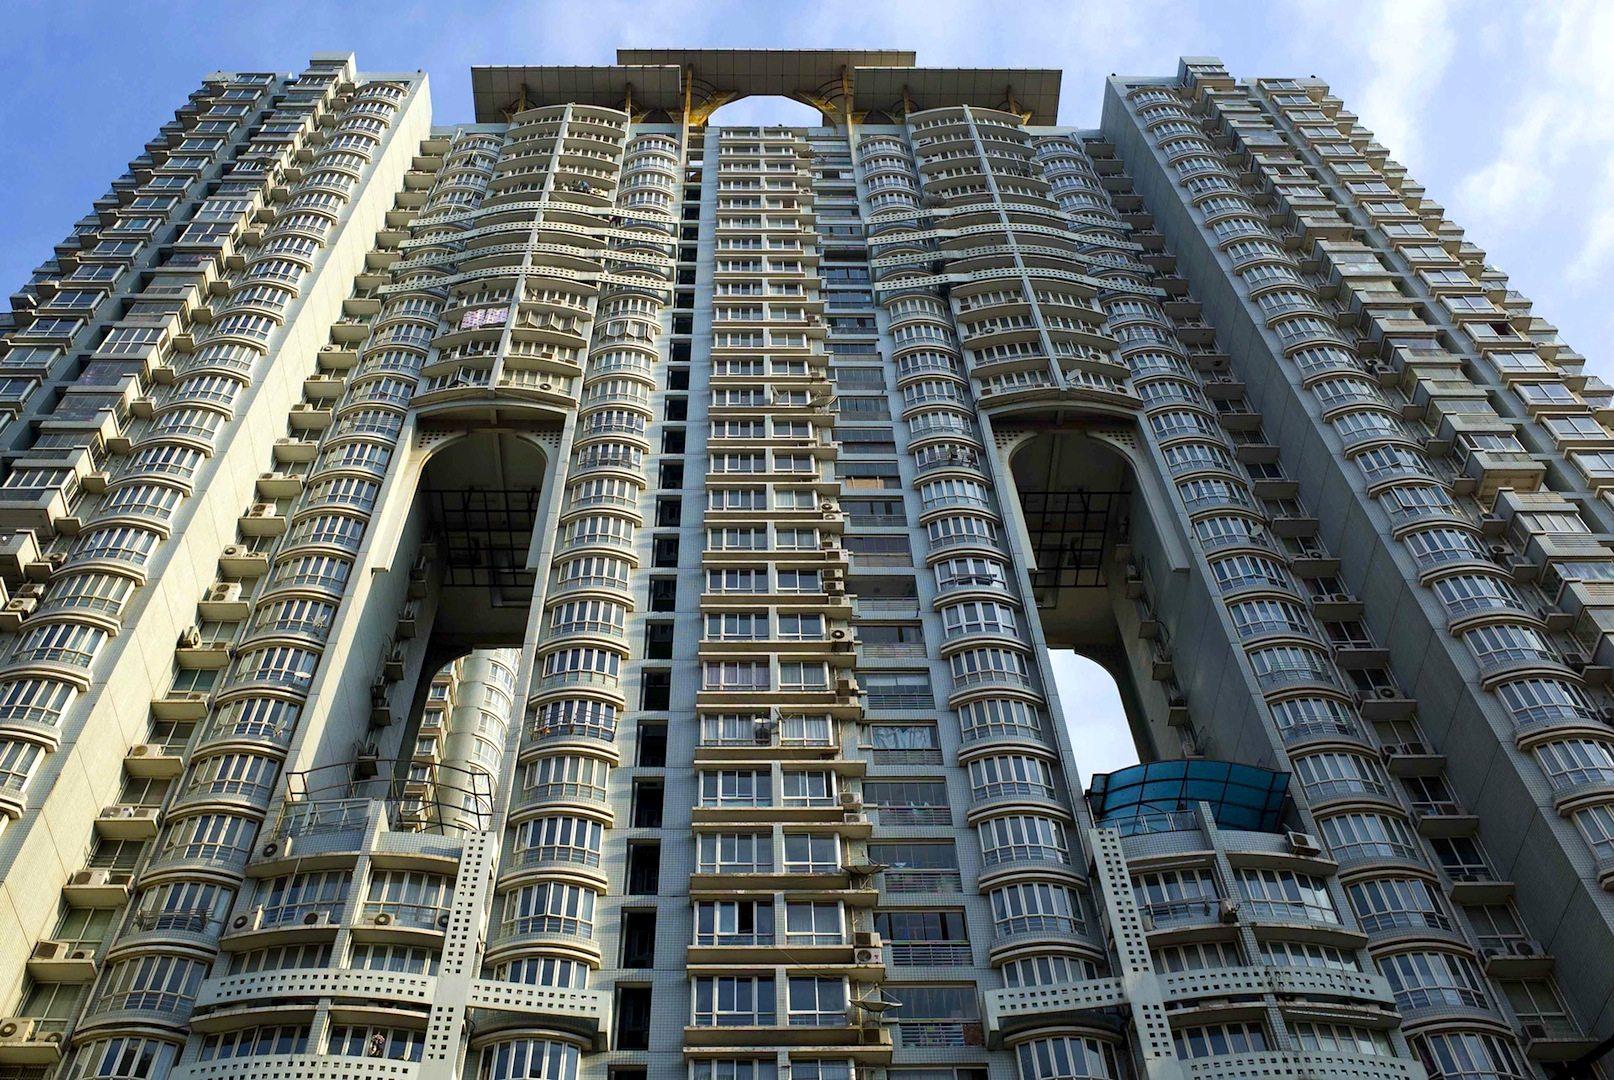 Wohn- und Bürotürme in Shanghai.